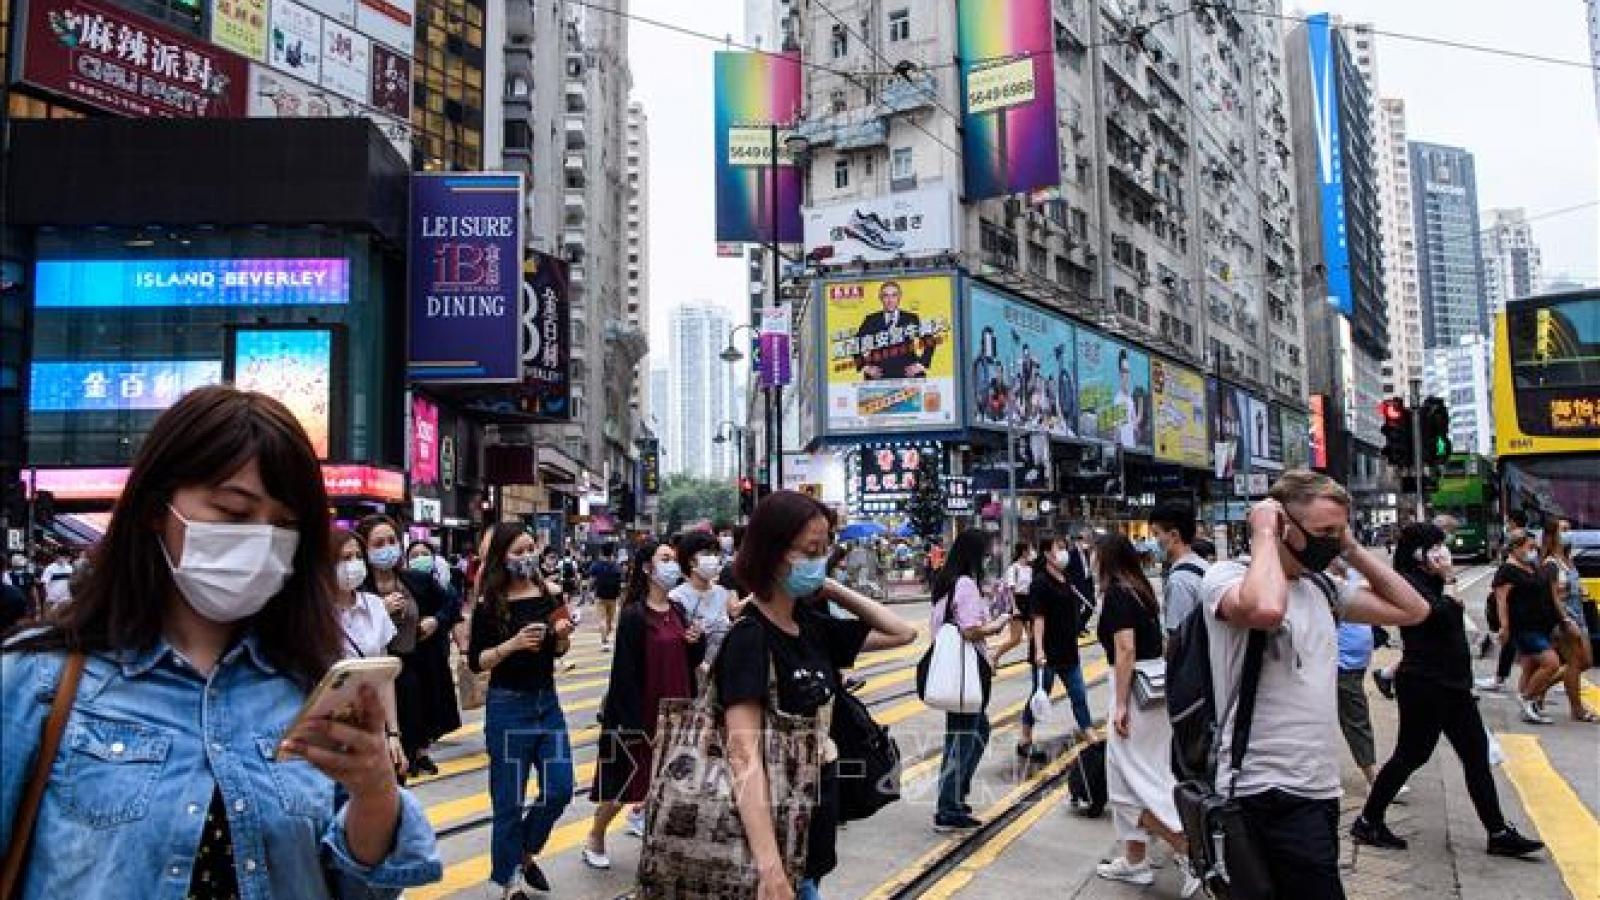 Khoảng 23% dân số Hong Kong (Trung Quốc) đã tham gia xét nghiệm Covid-19 tự nguyện